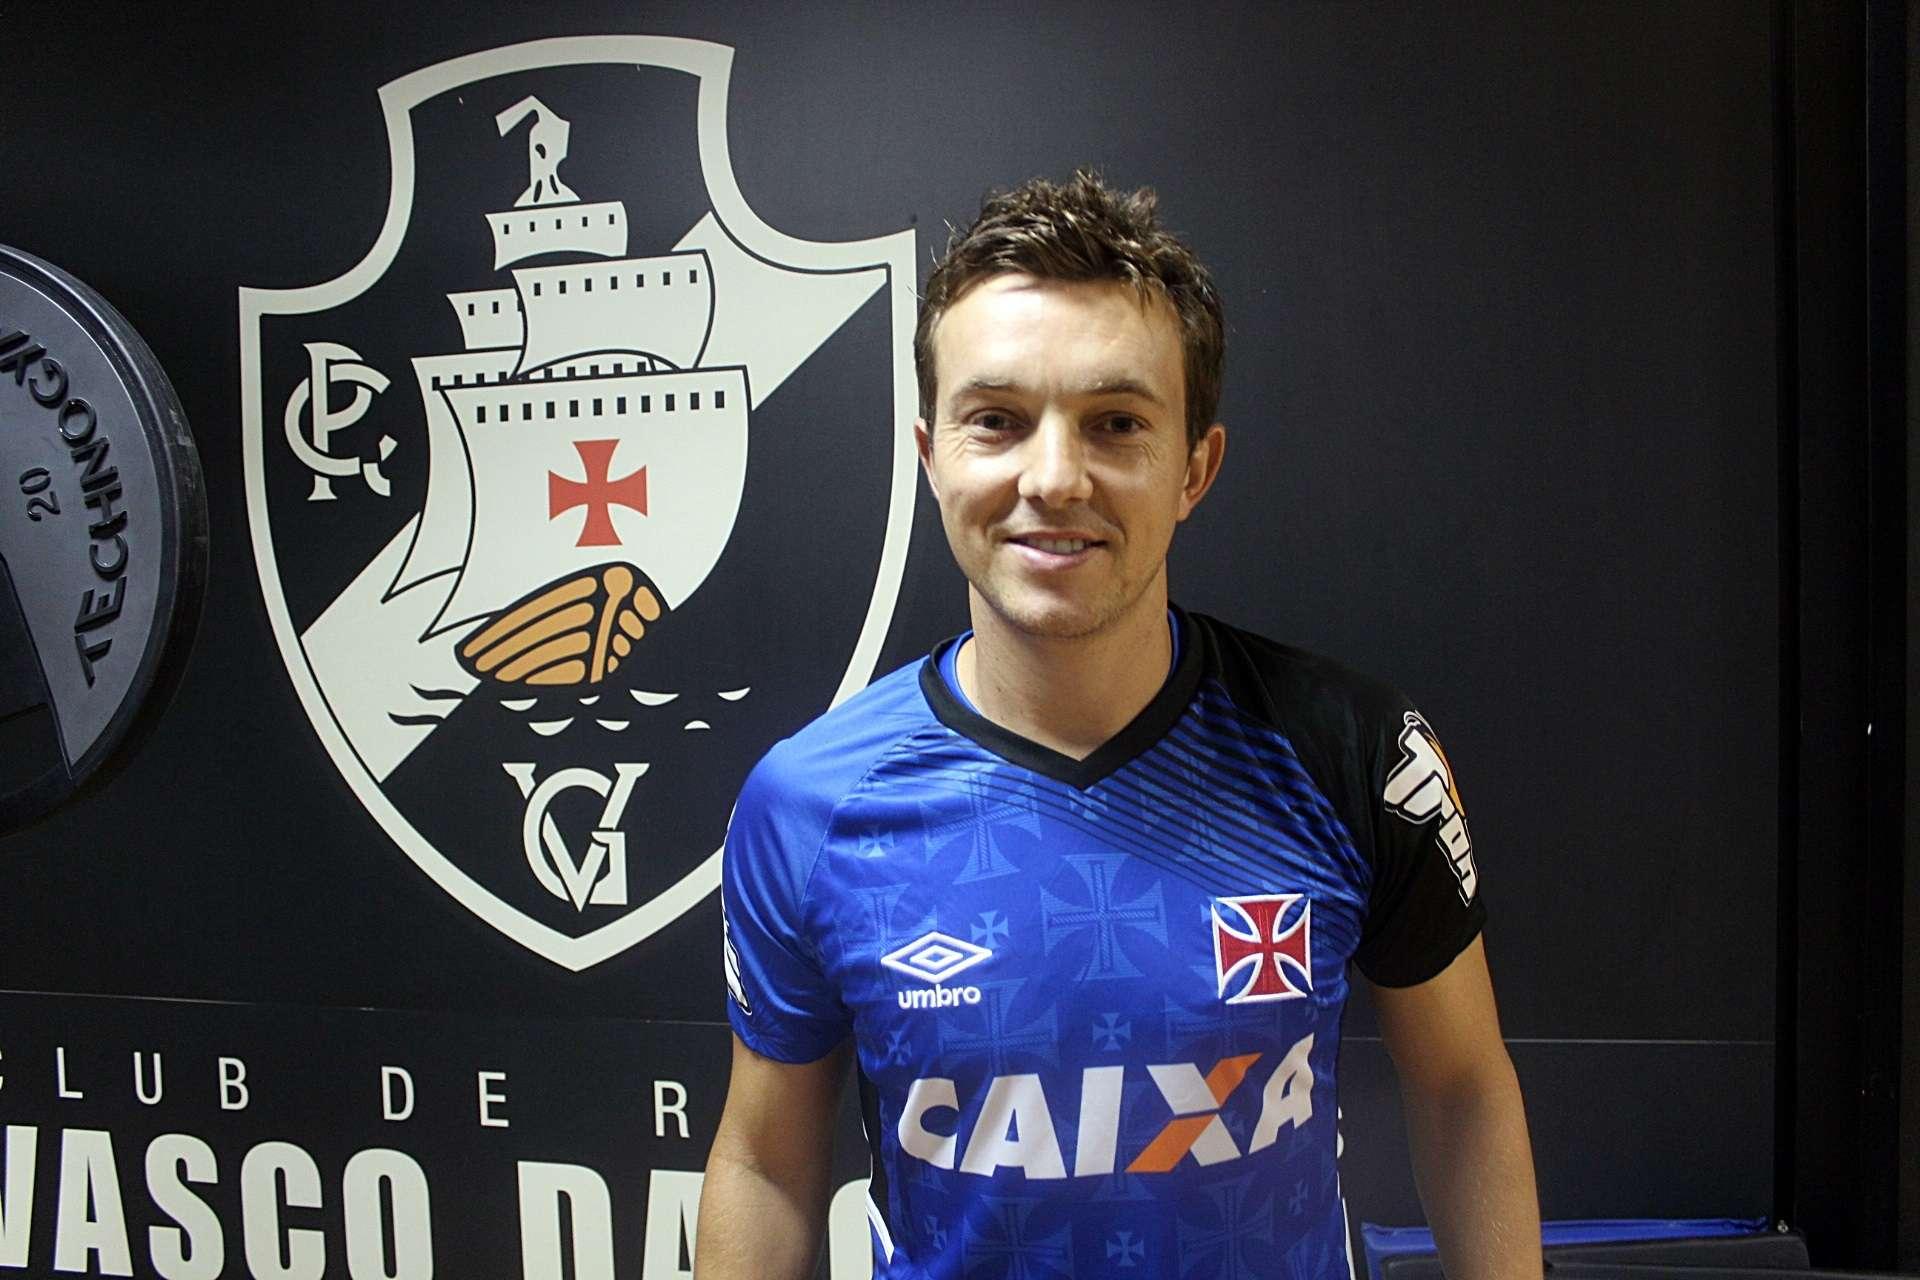 Dagoberto é reforço do Vasco Foto: Matheus Alves/Vasco/Divulgação